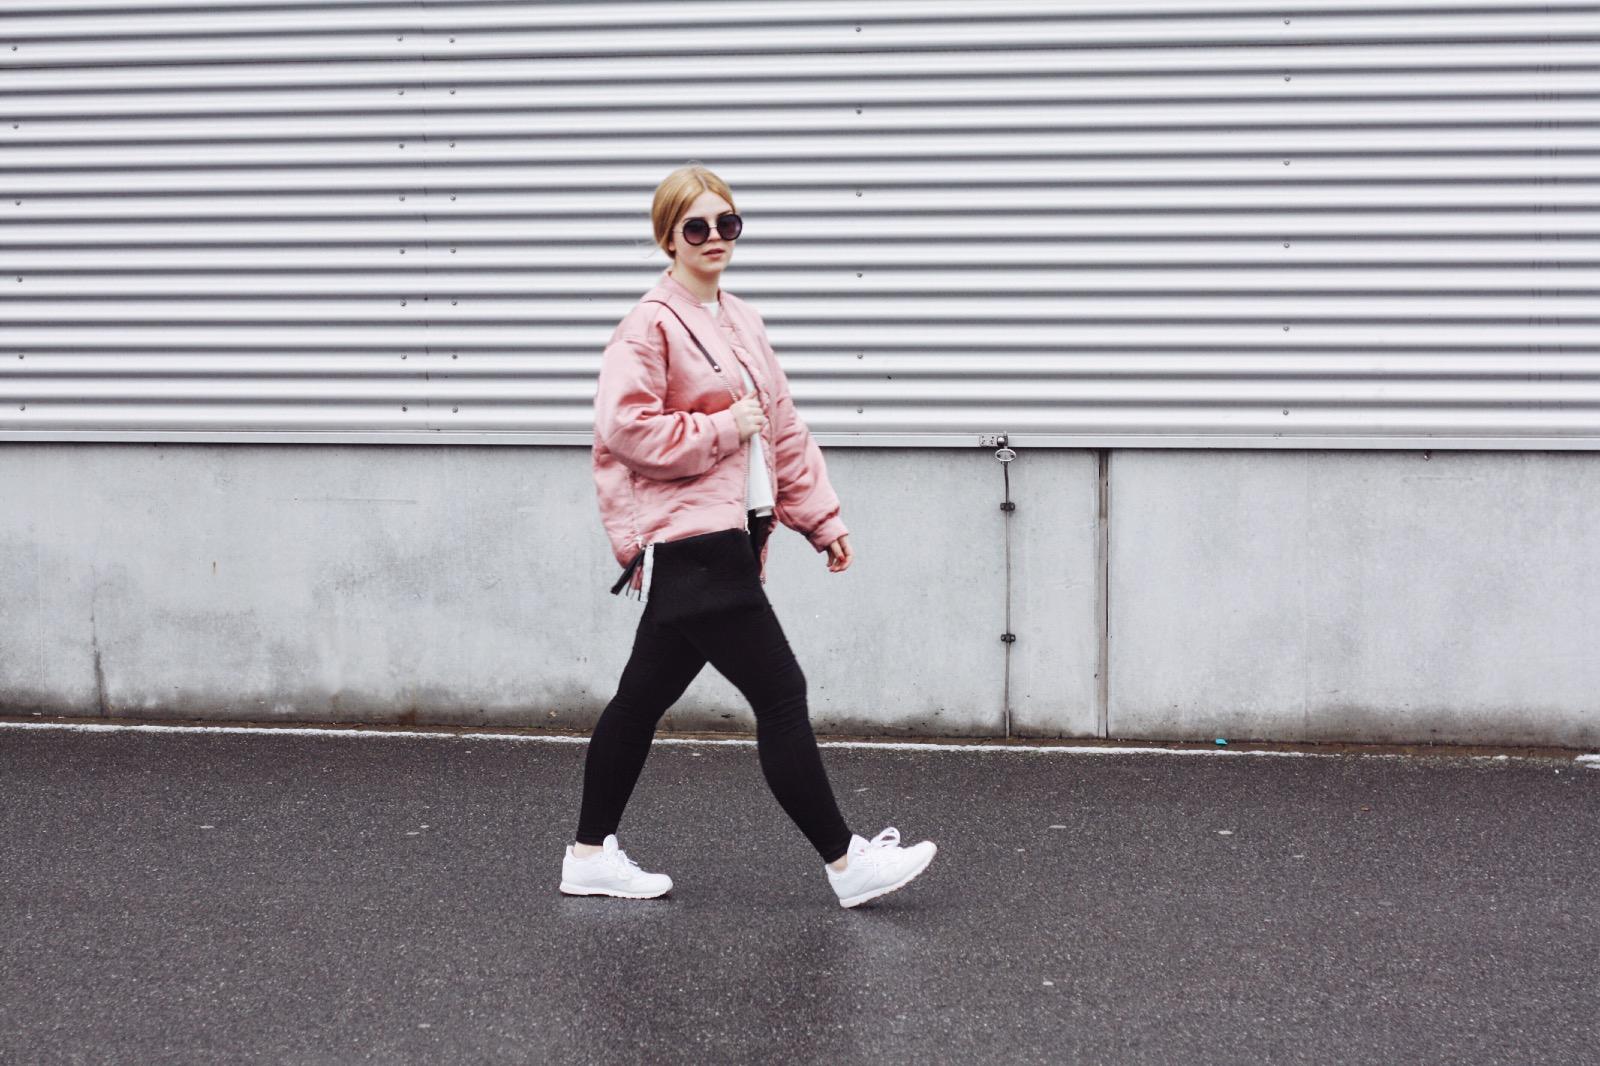 rosa_bomberjacke_pink_bomberjacket:mango_acne_trend_style_itsgoldie_modeblog_hannover_hamburg